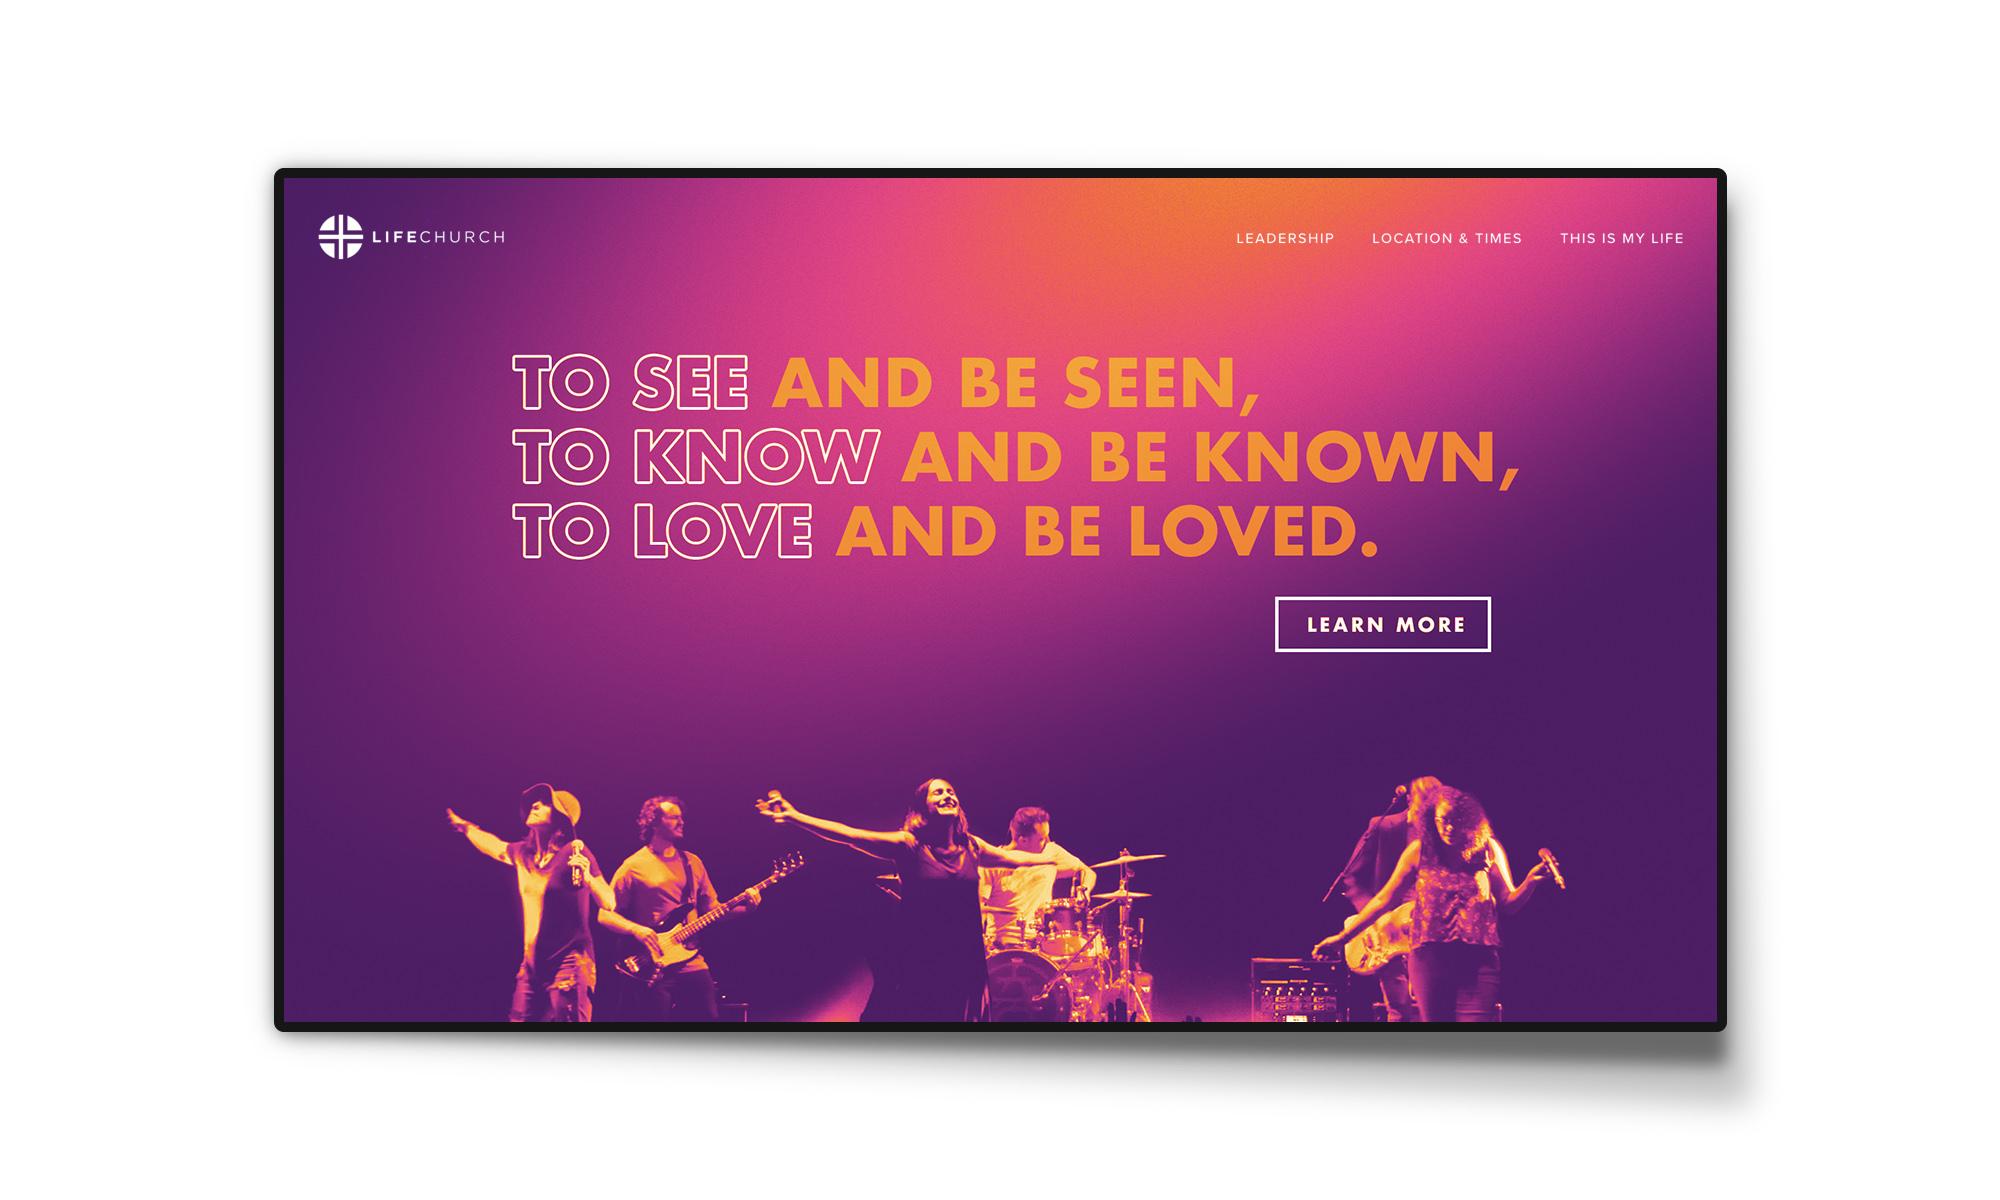 lifechurch-homepage-desktop.jpg